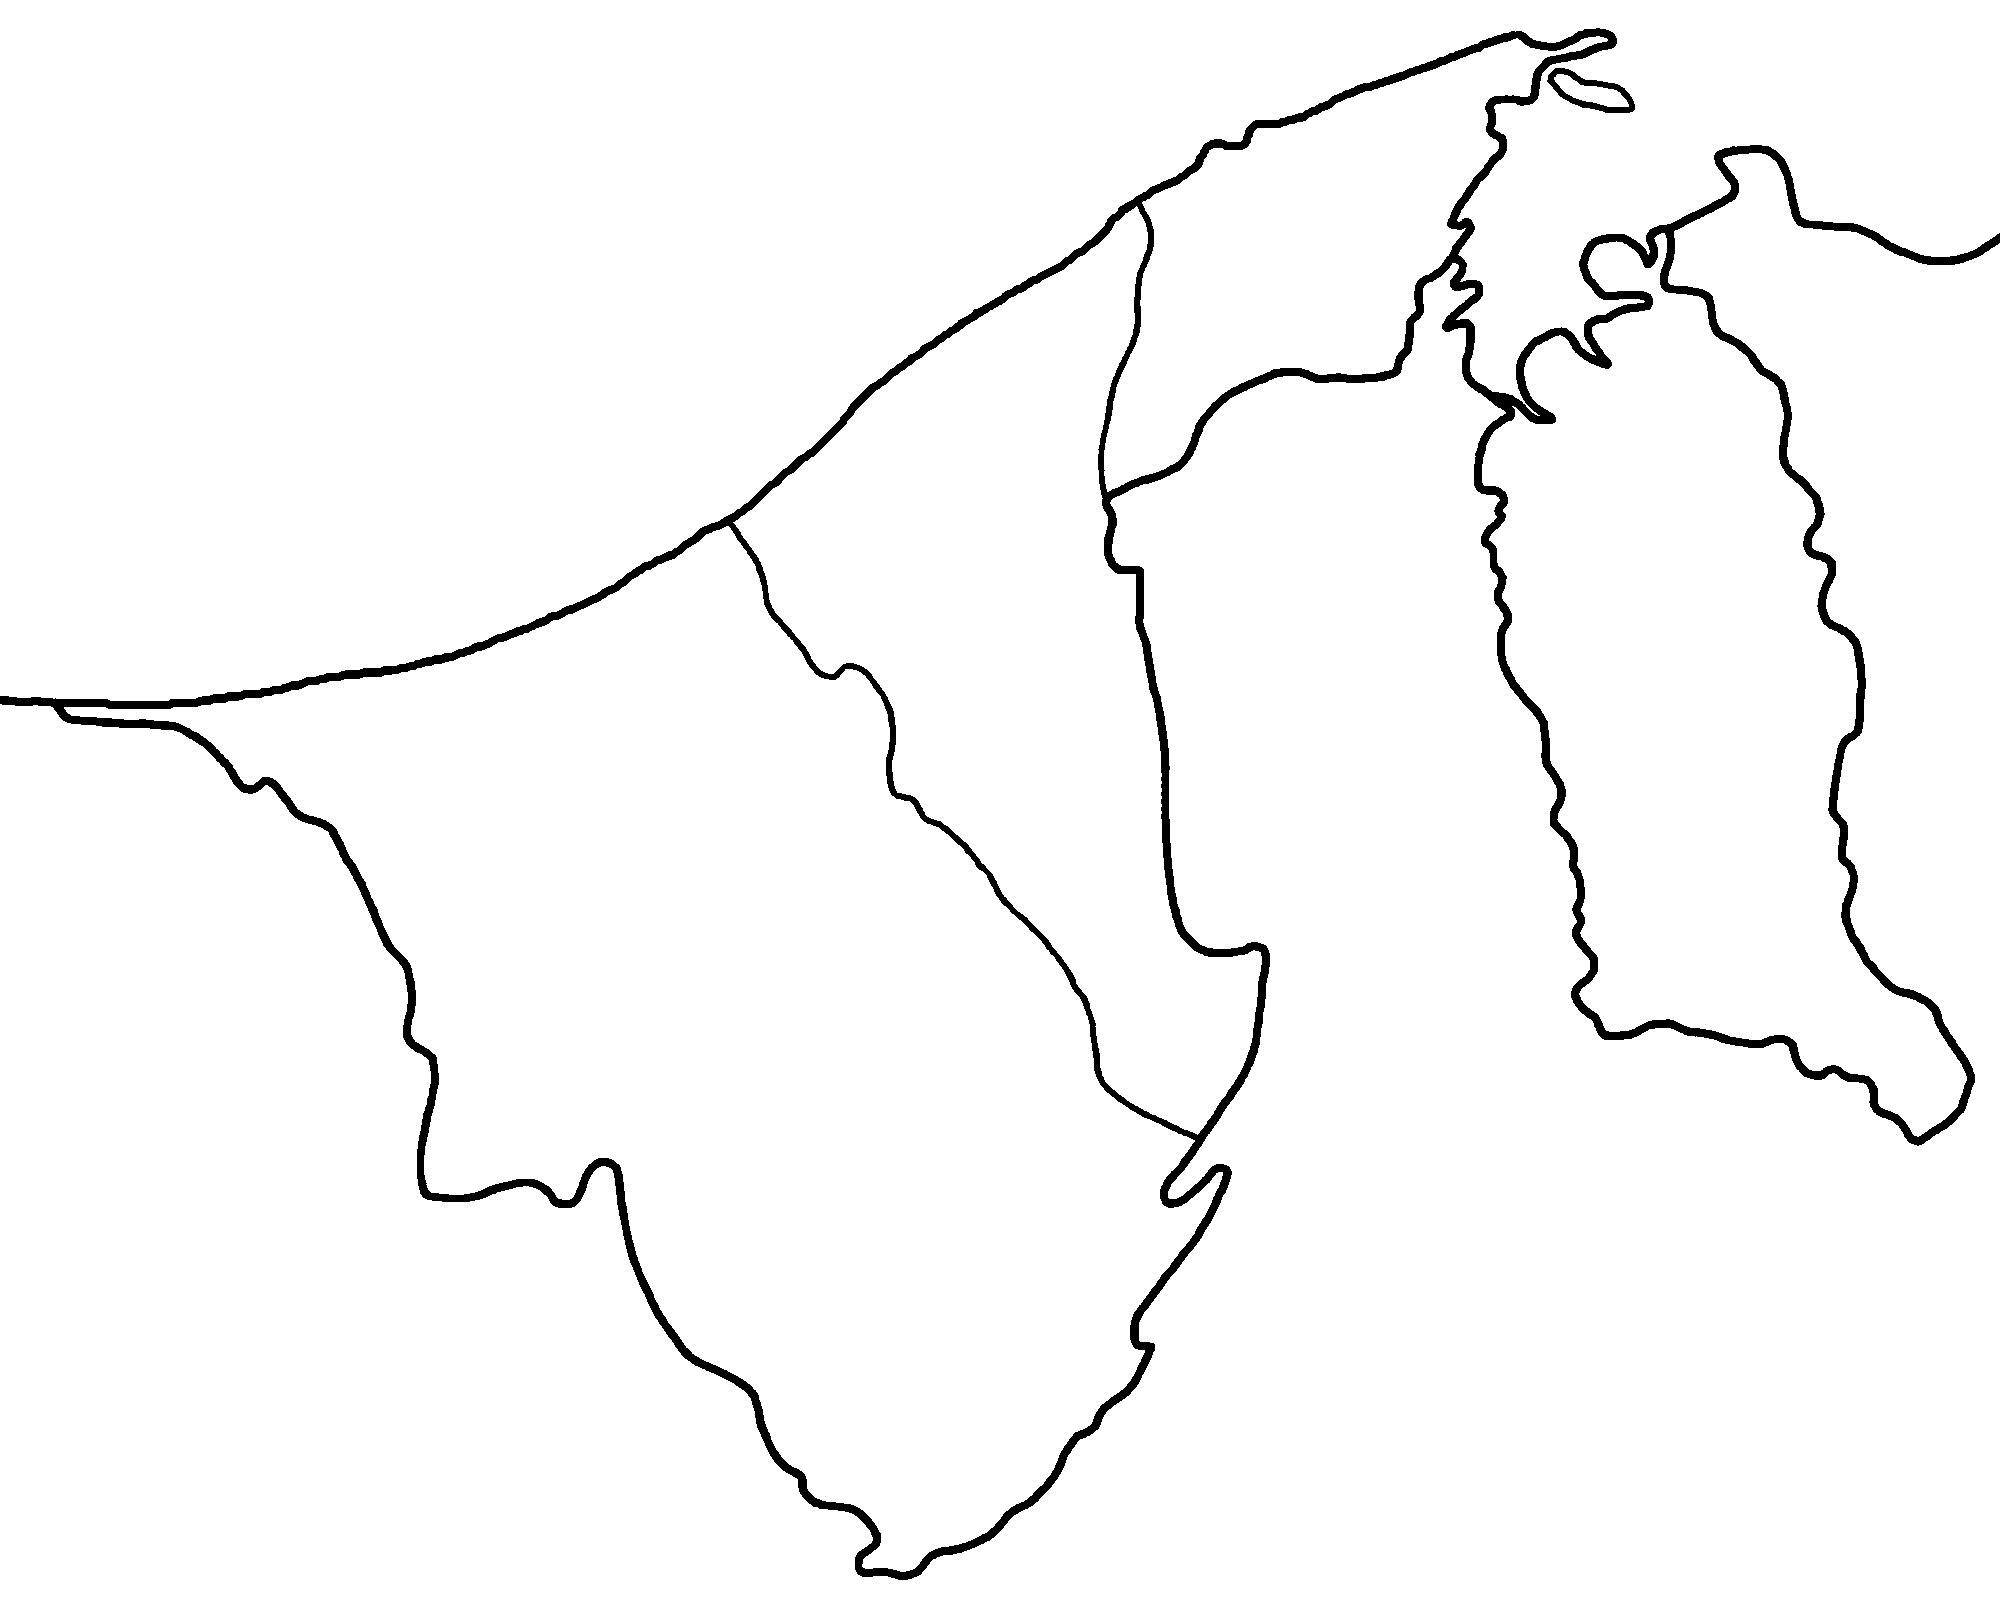 FileBrunei Districts Blankpng Wikimedia Commons - Brunei map